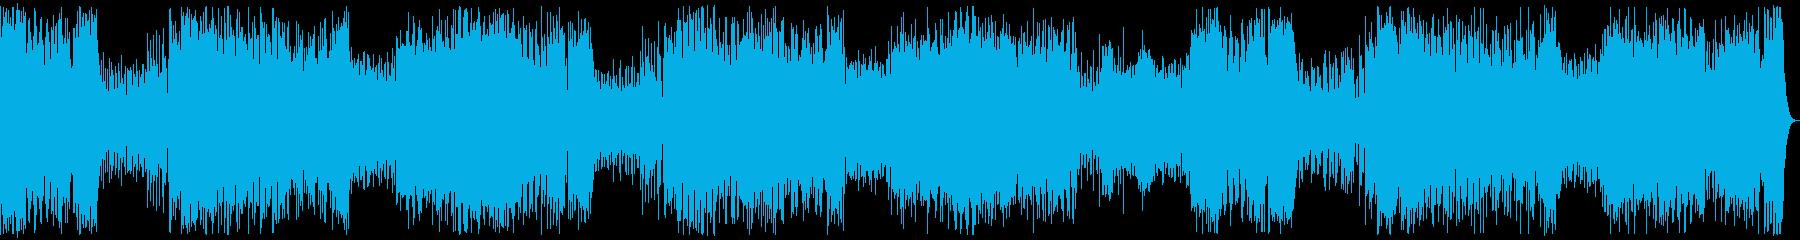 交響曲第25番K.183 リズム入りの再生済みの波形